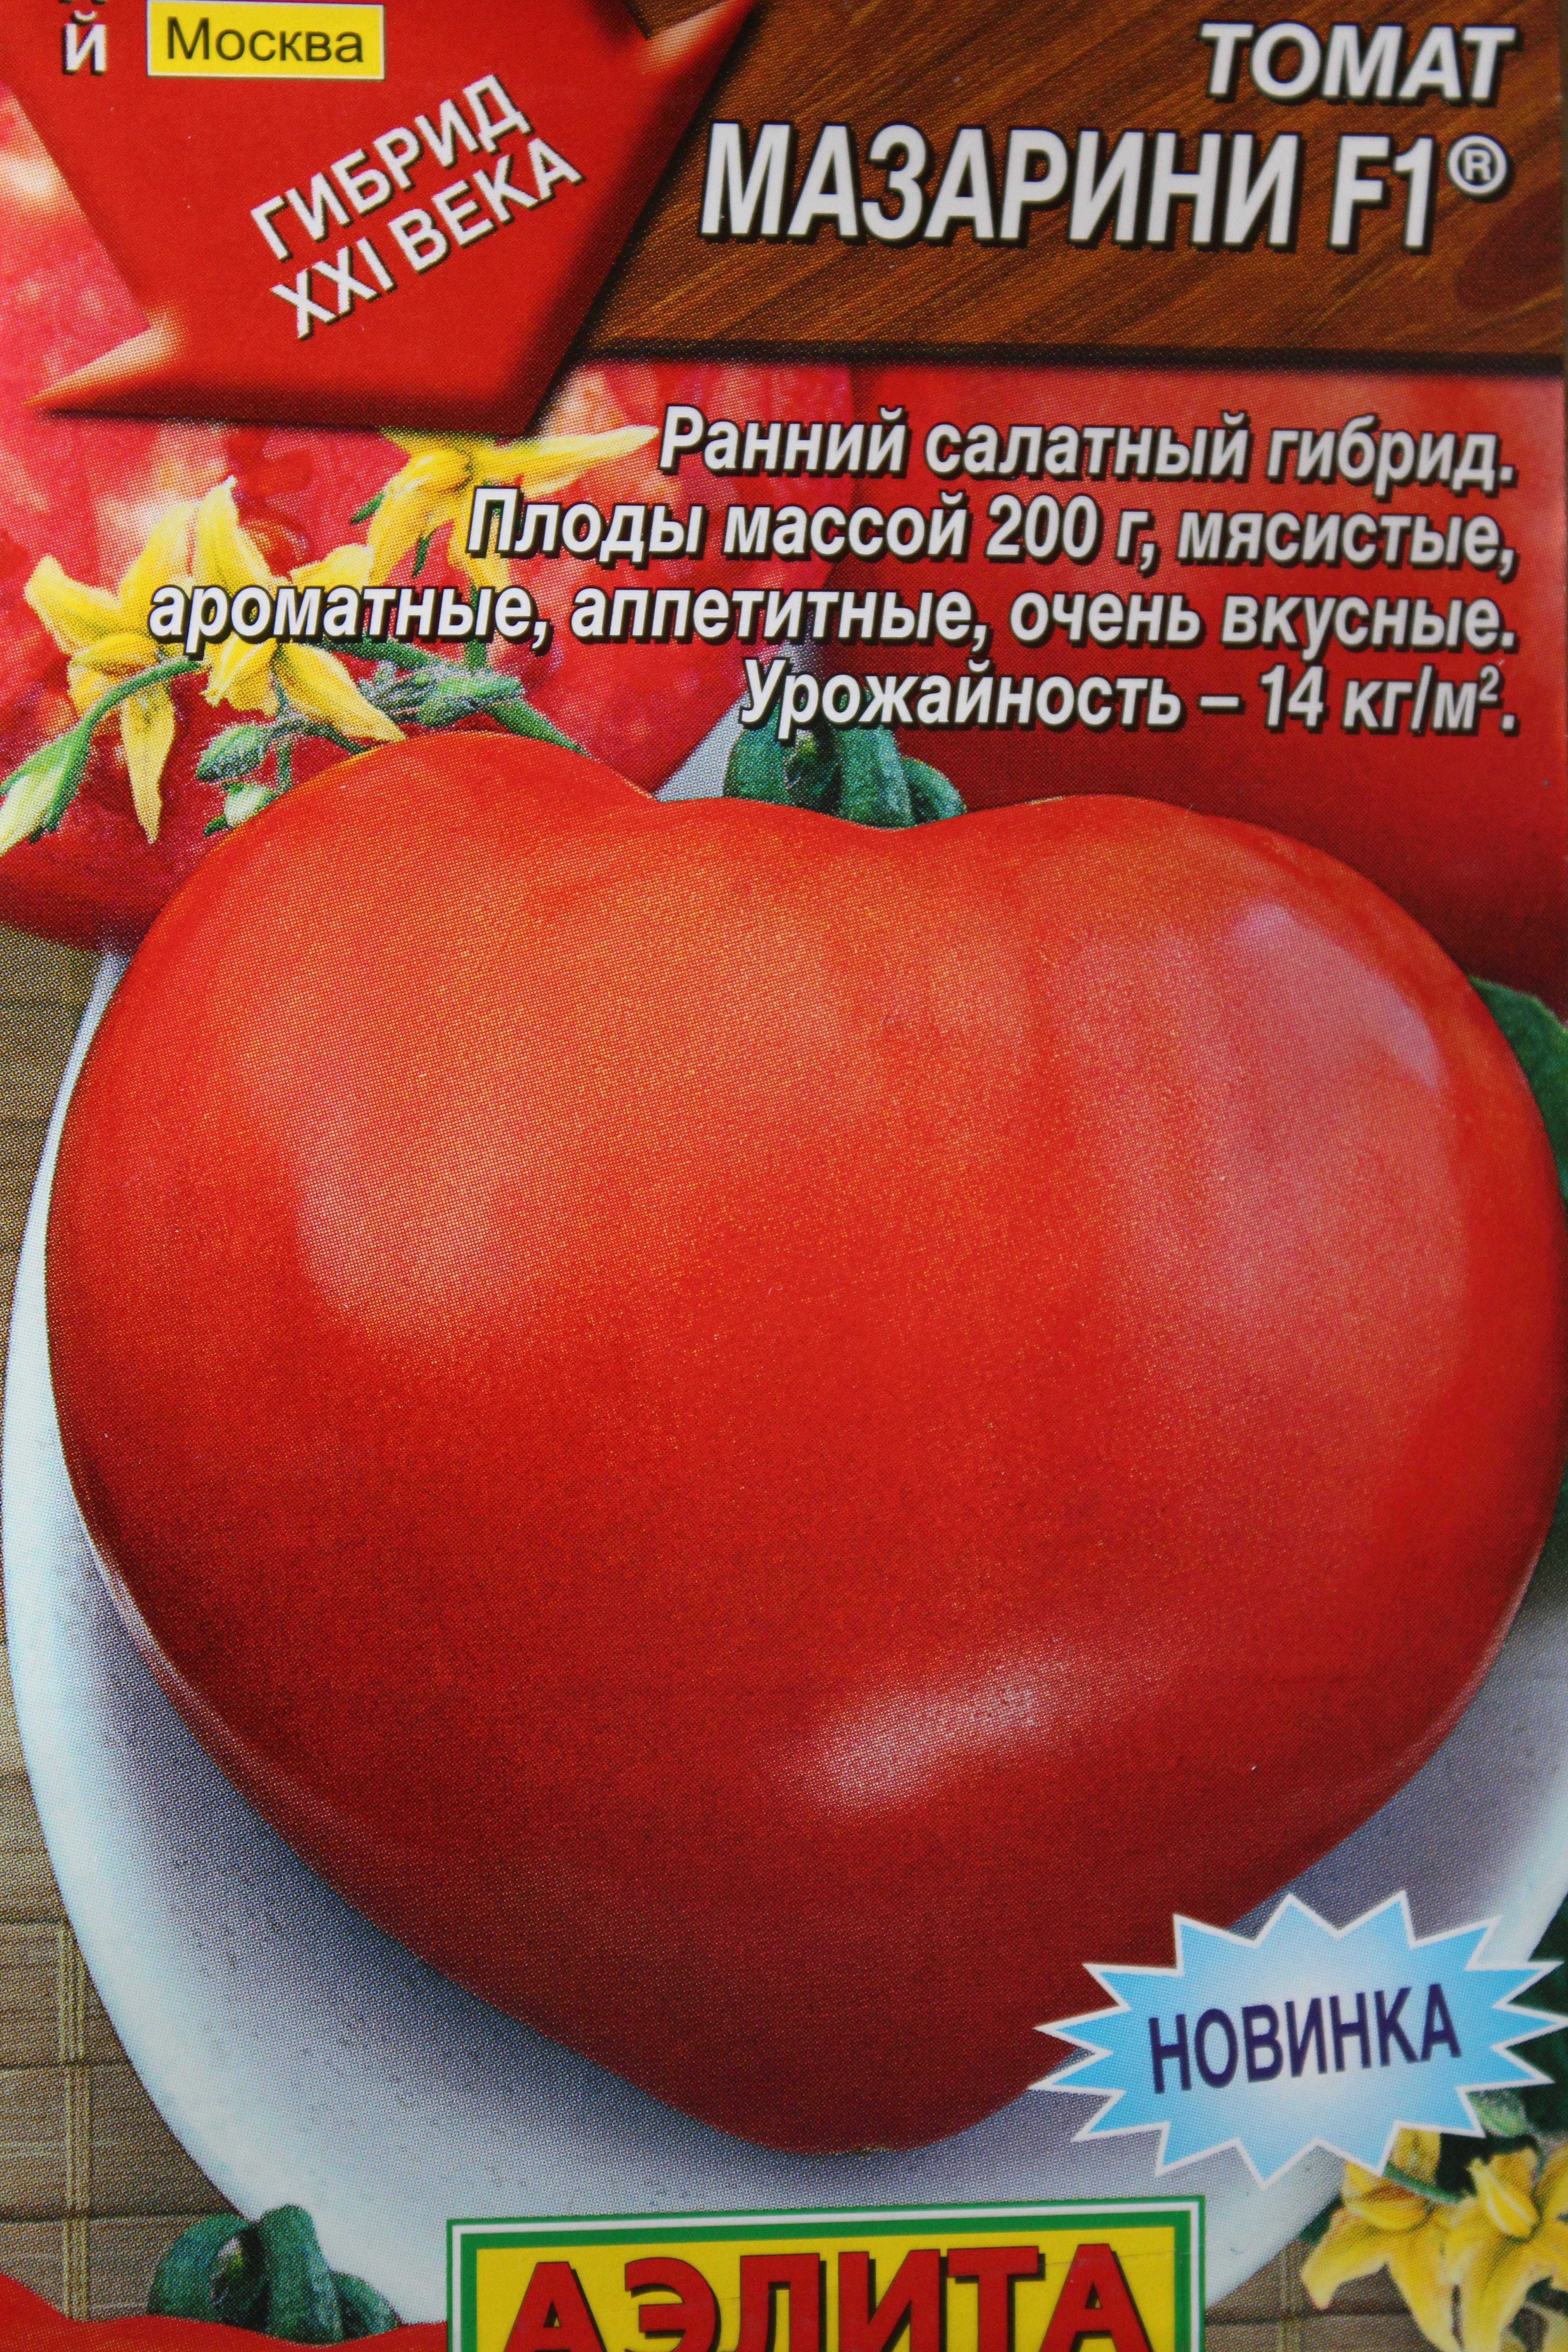 томат мазарини описание сорта фото отзывы отвлекает бестолкового